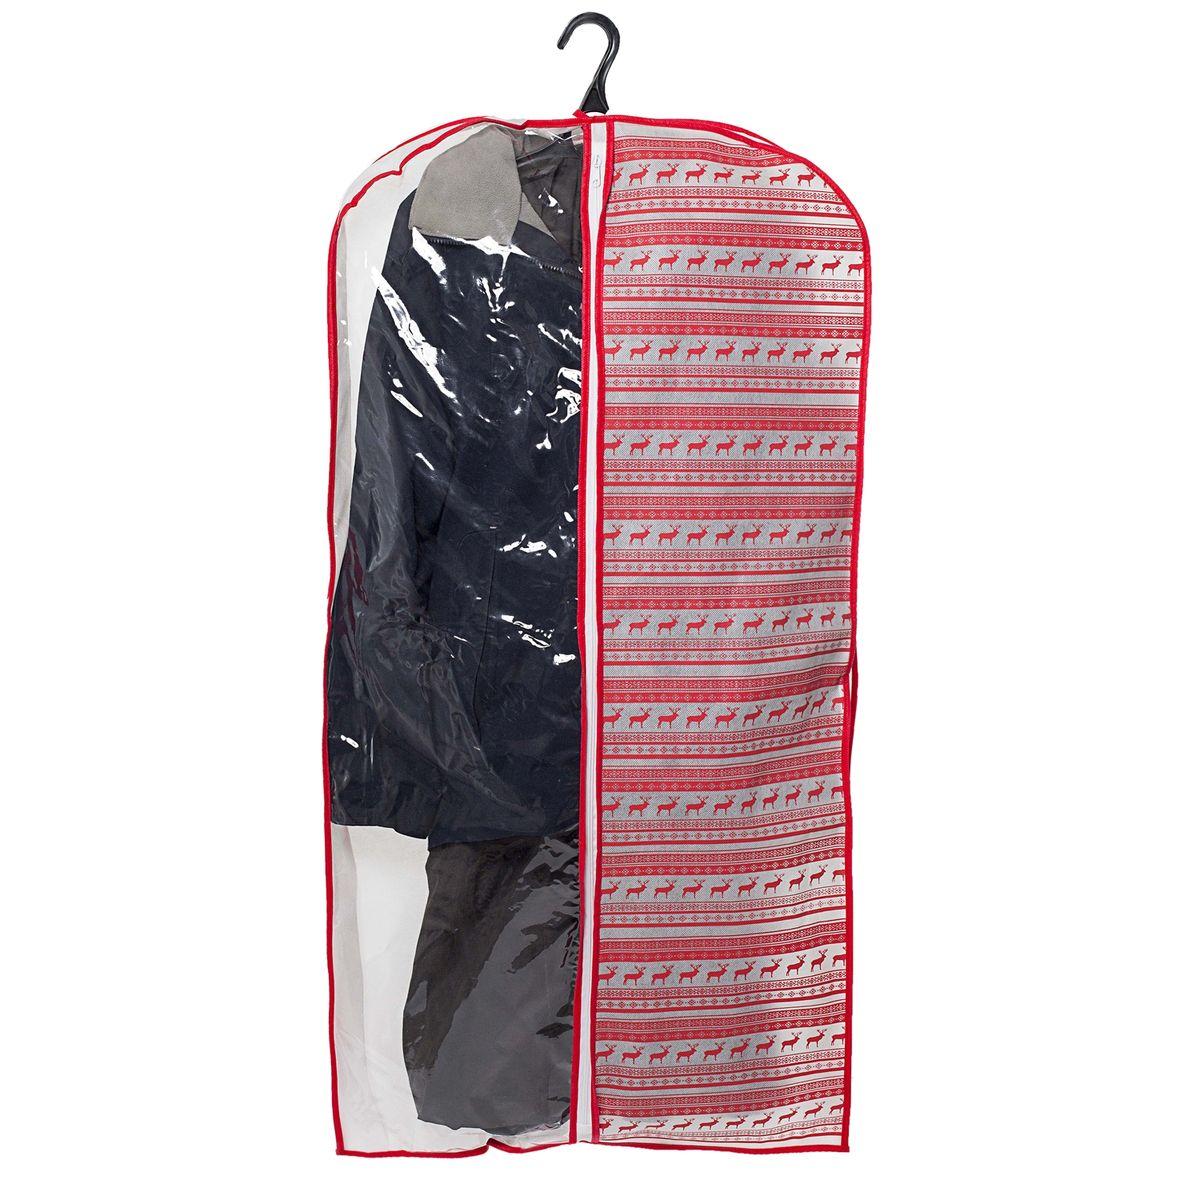 Чехол для одежды Homsu Scandinavia, подвесной, с прозрачной вставкой, 120 x 60 x 10 смCLP446Подвесной чехол для одежды Homsu Scandinavia на застежке-молнии выполнен из высококачественного нетканого материала. Чехол снабжен прозрачной вставкой из ПВХ, что позволяет легко просматривать содержимое. Изделие подходит для длительного хранения вещей.Чехол обеспечит вашей одежде надежную защиту от влажности, повреждений и грязи при транспортировке, от запыления при хранении и проникновения моли. Чехол позволяет воздуху свободно поступать внутрь вещей, обеспечивая их кондиционирование. Это особенно важно при хранении кожаных и меховых изделий.Чехол для одежды Homsu Scandinavia создаст уютную атмосферу в гардеробе. Лаконичный дизайн придется по вкусу ценительницам эстетичного хранения и сделают вашу гардеробную изысканной и невероятно стильной.Размер чехла: 120 х 60 х 10 см.